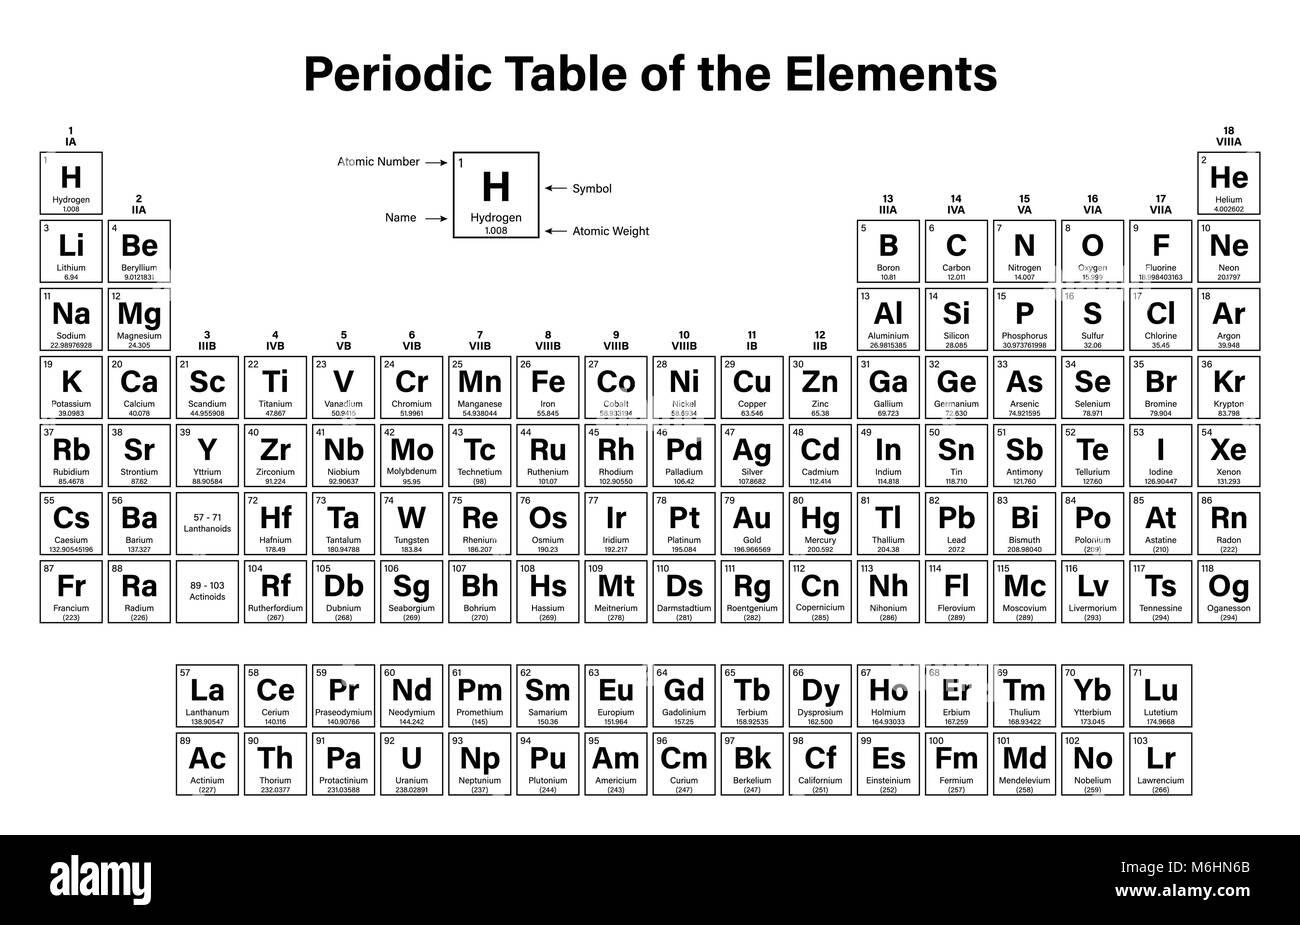 Tabla peridica de los elementos ilustracin vectorial muestra el tabla peridica de los elementos ilustracin vectorial muestra el nmero atmico smbolo nombre y peso atmico urtaz Gallery